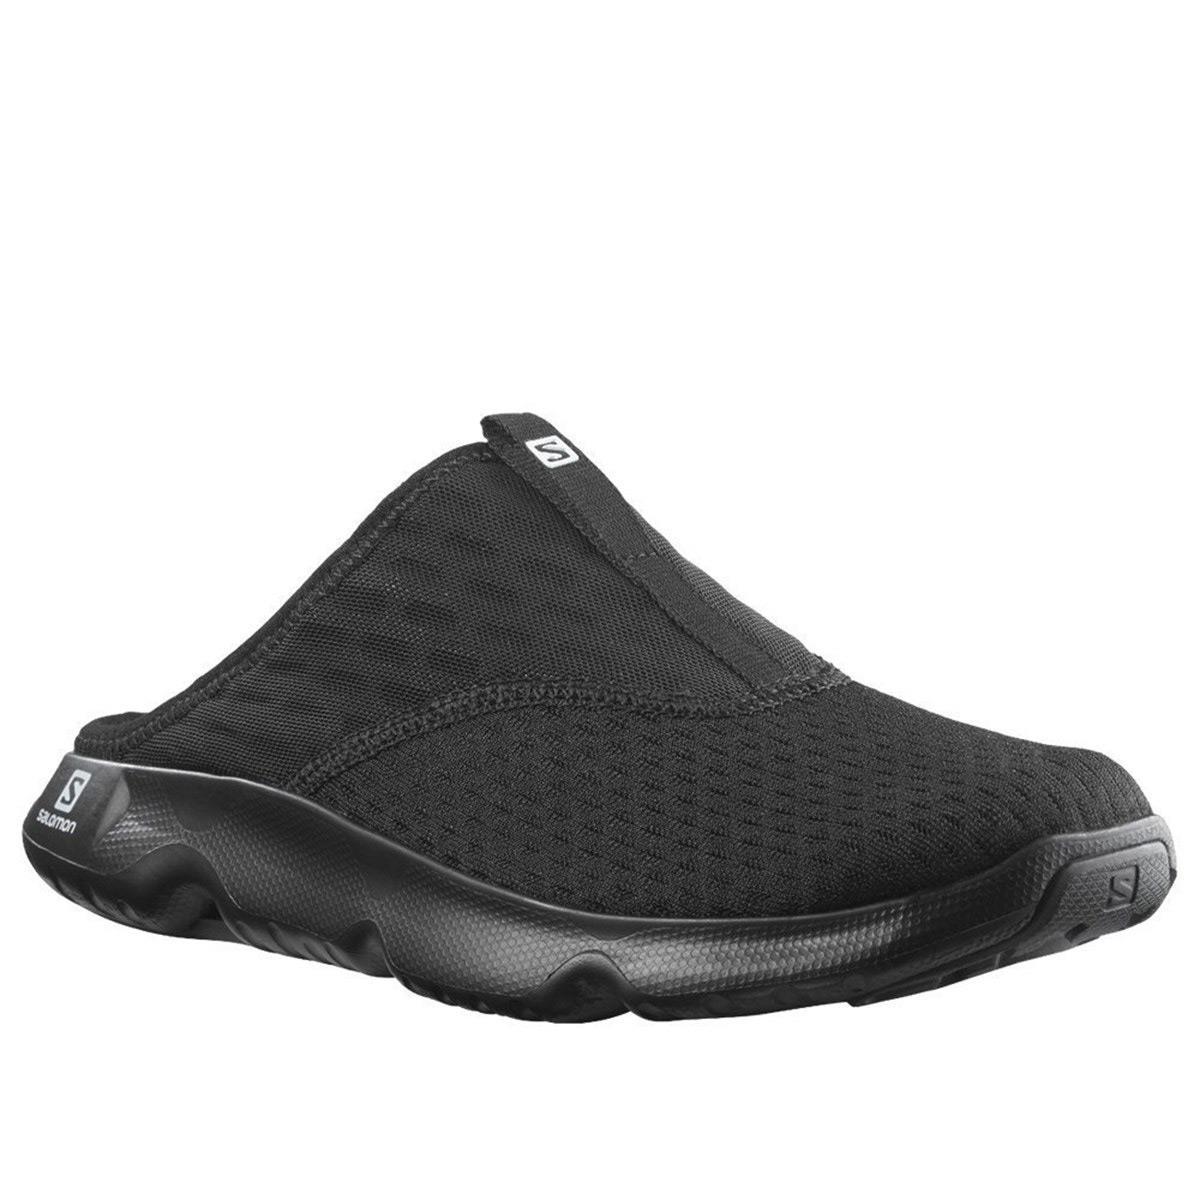 Salomon REELAX SLIDE  5.0 W Bayan Ayakkabısı L41278600